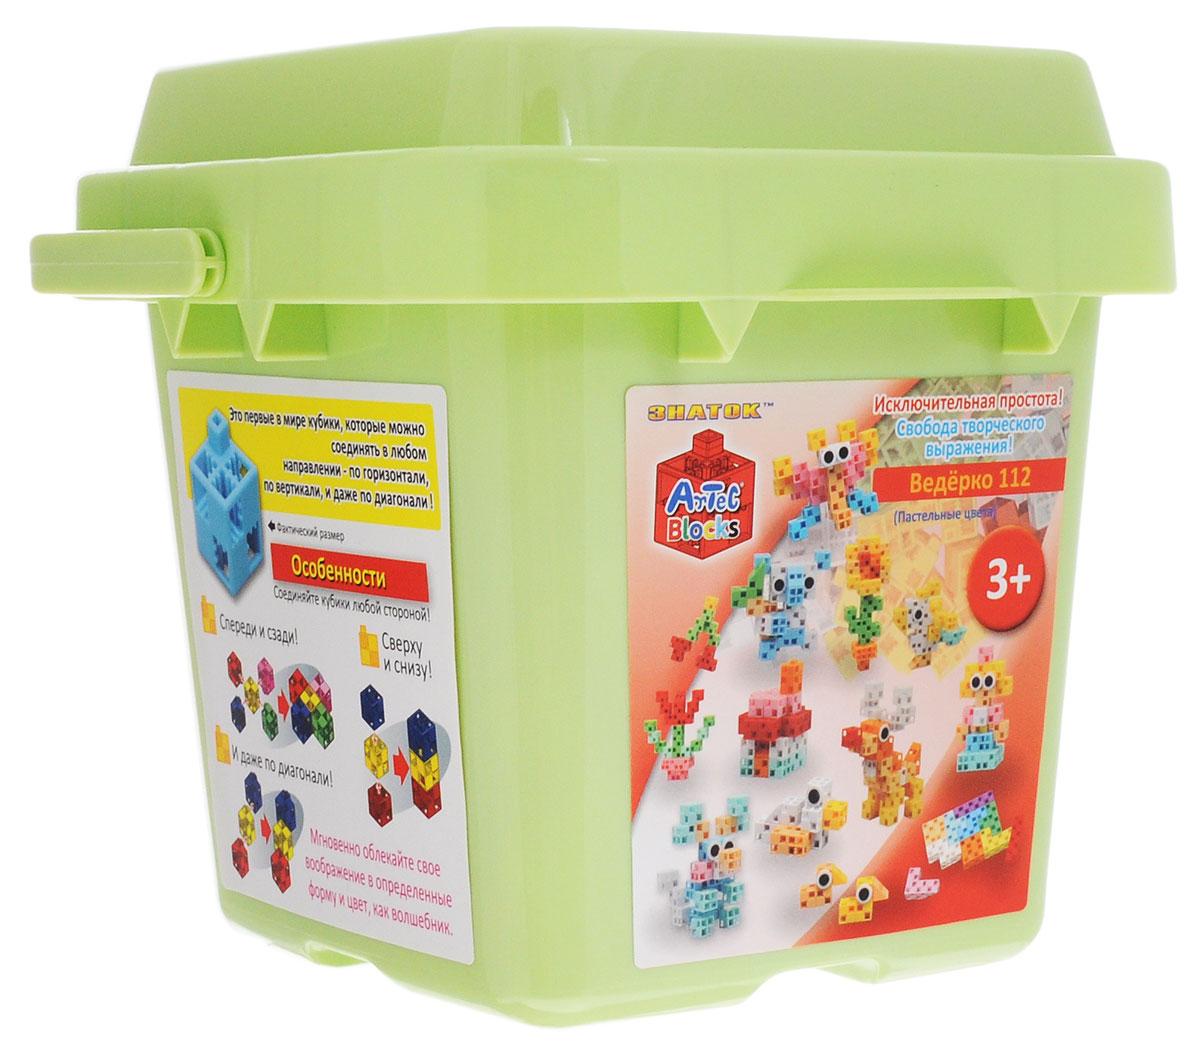 Знаток Конструктор цвет светло-зеленый15-2205-ARTКонструктор Знаток - это лучшее средство для развития фантазии ребенка. Конструктор помогает малышам в игровой форме освоить азы моделирования и с легкостью собрать множество удивительных фигур! Набор состоит из 112 разноцветных деталей в форме кубиков, дисков, колес, осей и треугольников. Красочная инструкция покажет, как из деталей разного цвета и формы собрать принцесс и фей, цветы, уточек, оленя, стрекозу и других сказочных героев! Специальные элементы-диски и оси помогают фигурам двигаться! Набор находится в пластиковом ведерке, в котором удобно хранить детали и собранные фигурки. Все детали набора изготовлены из пластика пастельных цветов, которые так любят дети. Такая игрушка будет долго оставаться самой любимой у вашего ребенка. Artec Blocks - это первый в мире конструктор, детали которого можно соединять в любом направлении: по горизонтали, вертикали и даже по диагонали. Это подталкивает детей фантазировать и дает возможность строить фигуры любых форм и размеров!...